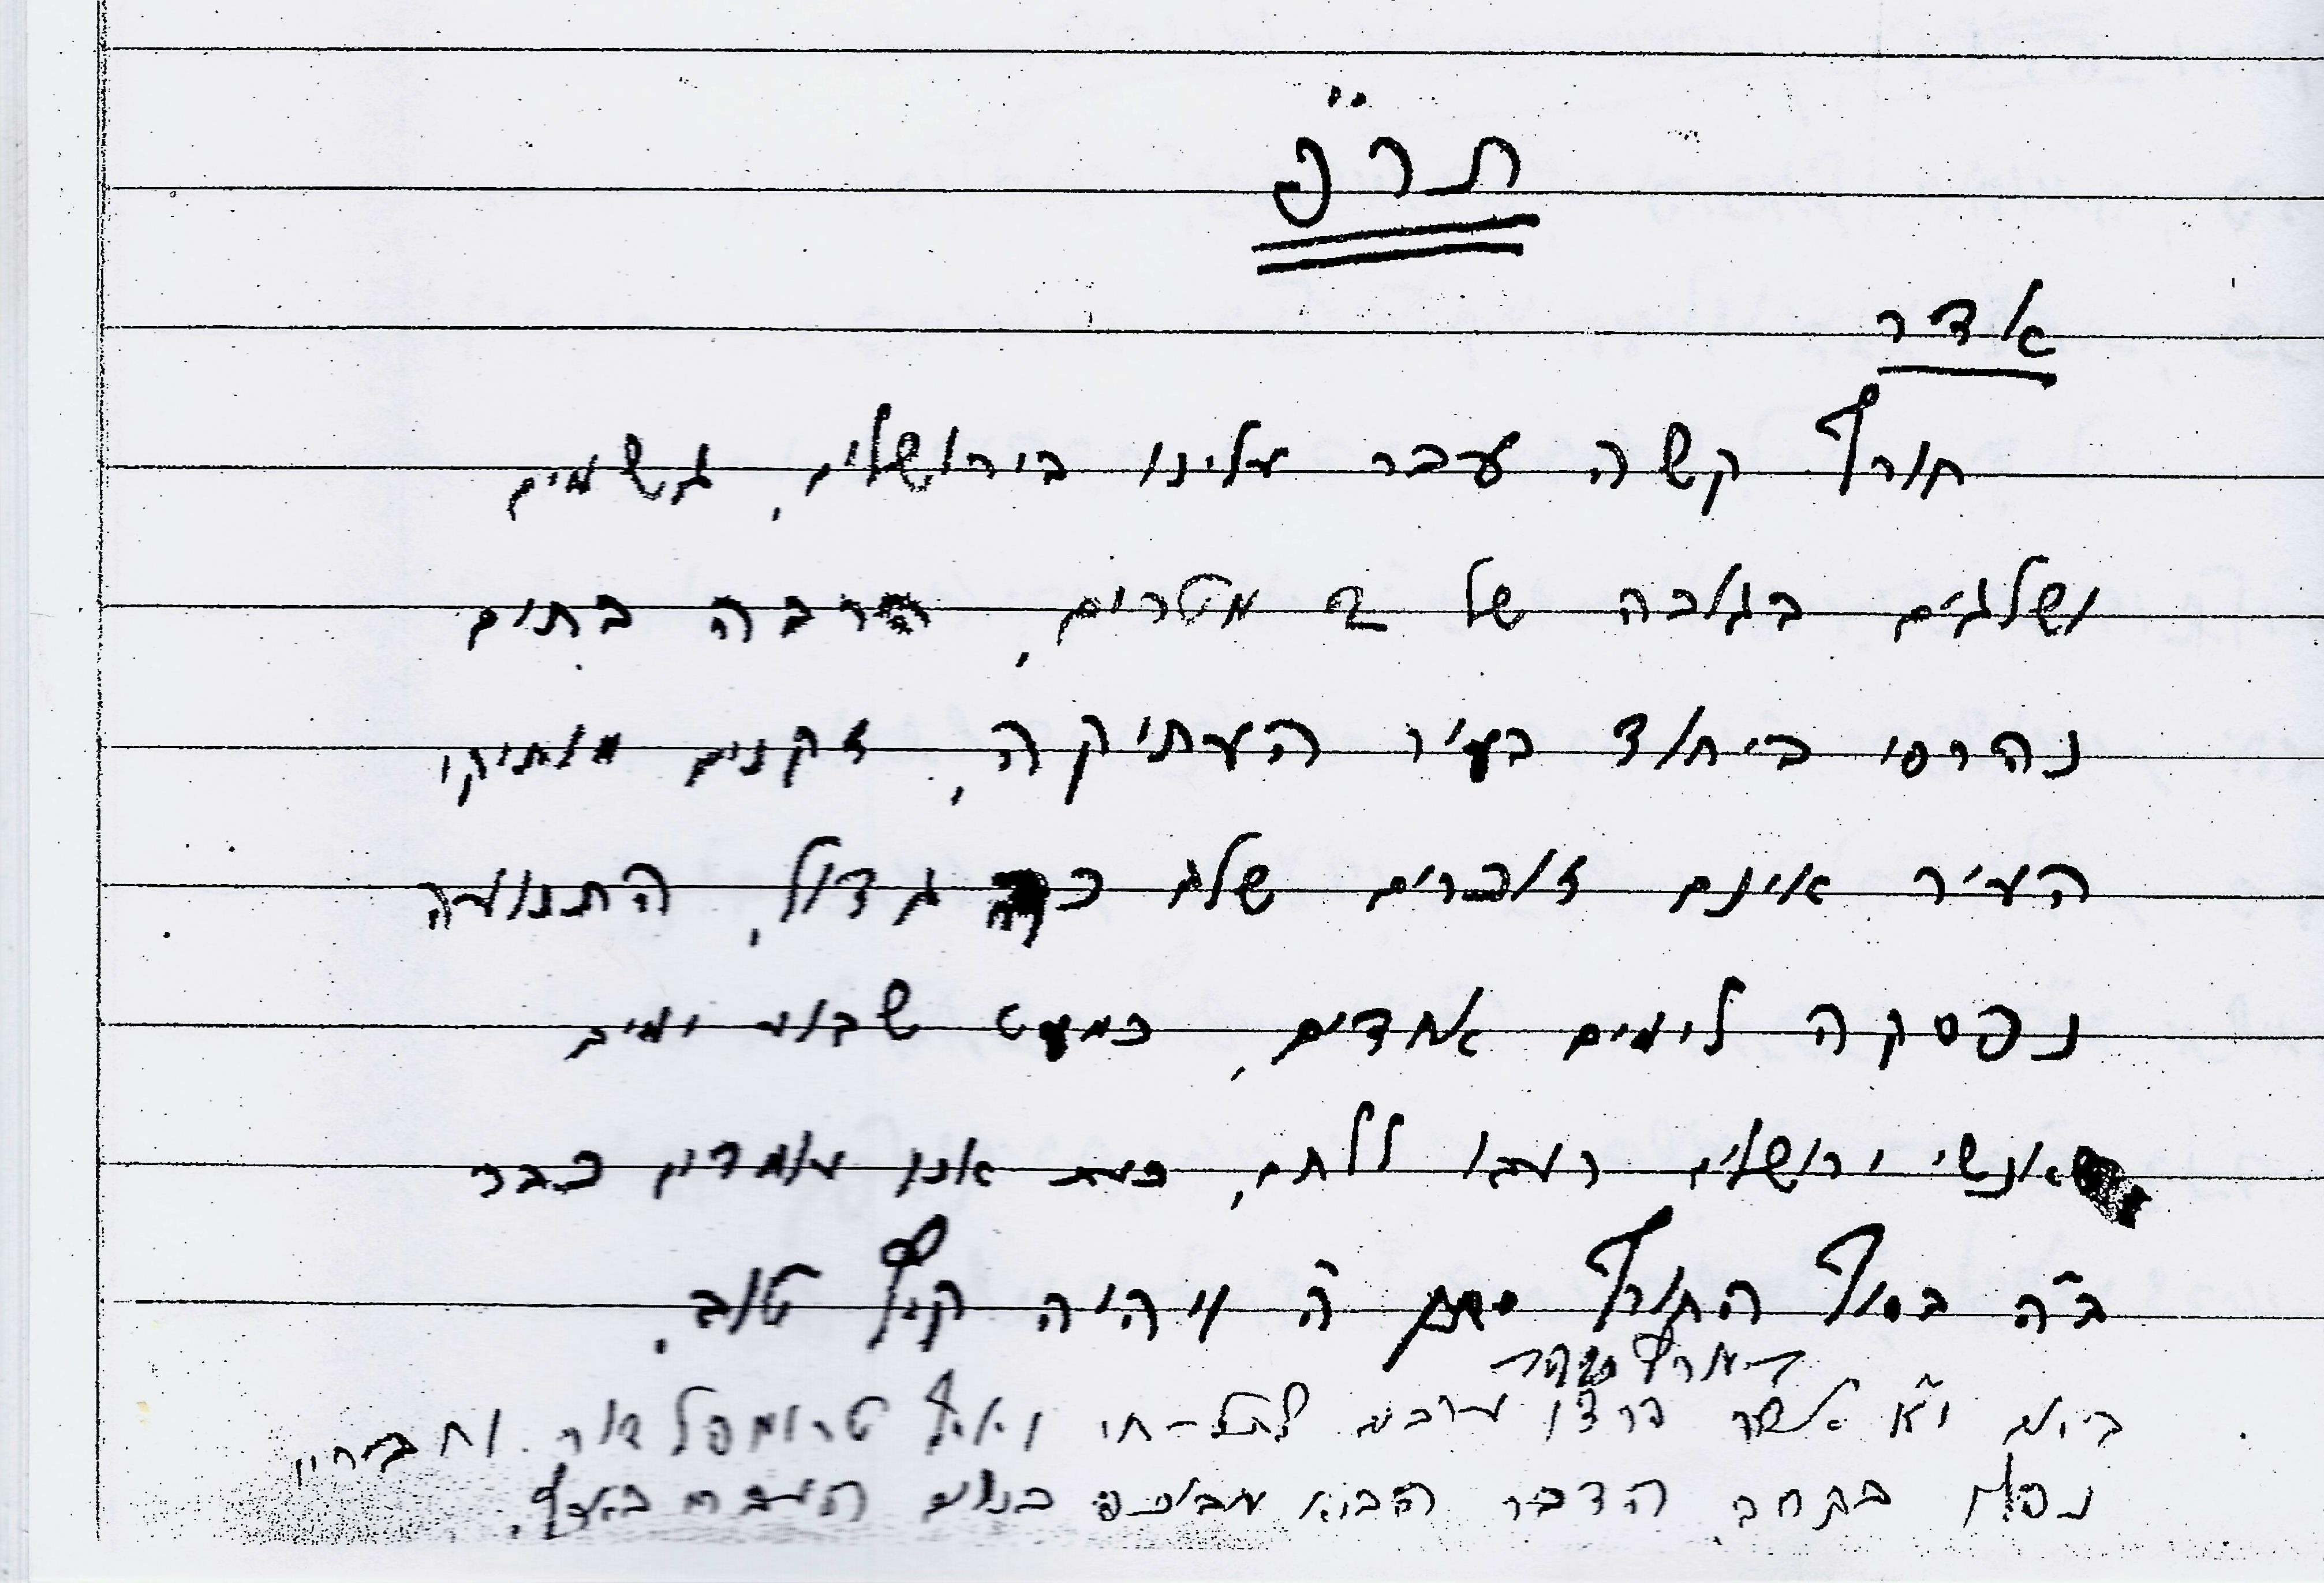 """שלג בירושלים - סבא יעקב עמיצור על השלג ב תר""""פ 1920"""